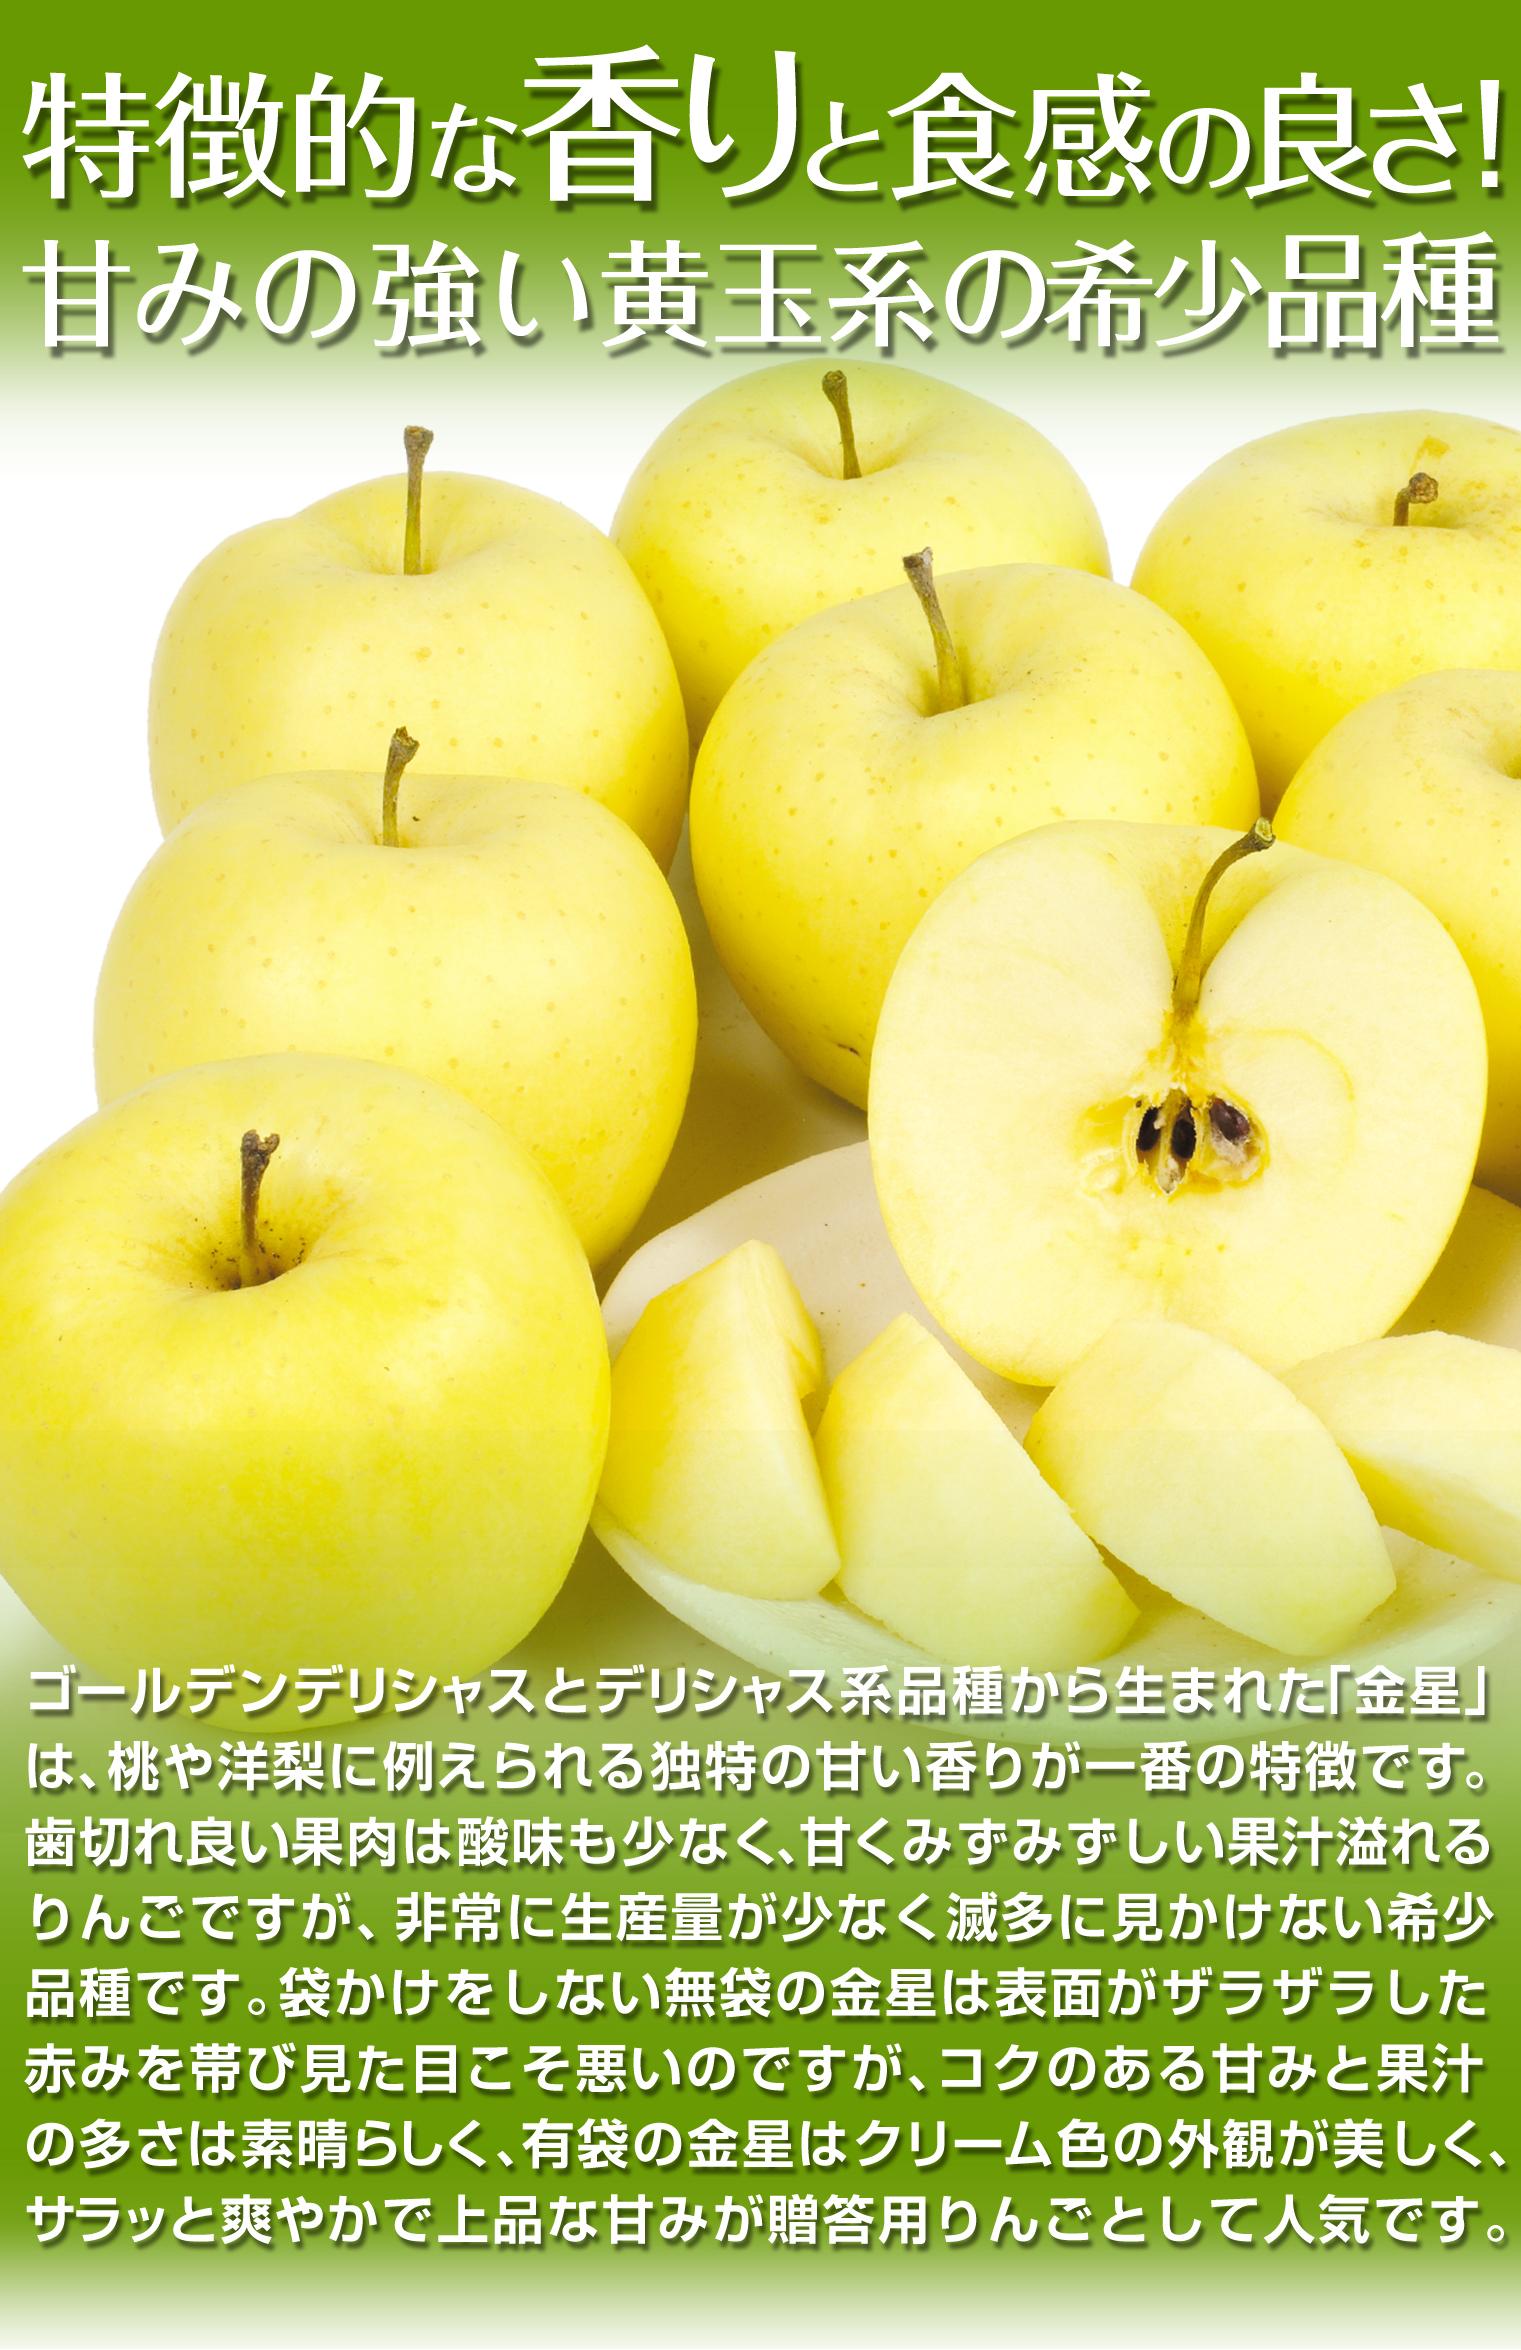 希少りんご